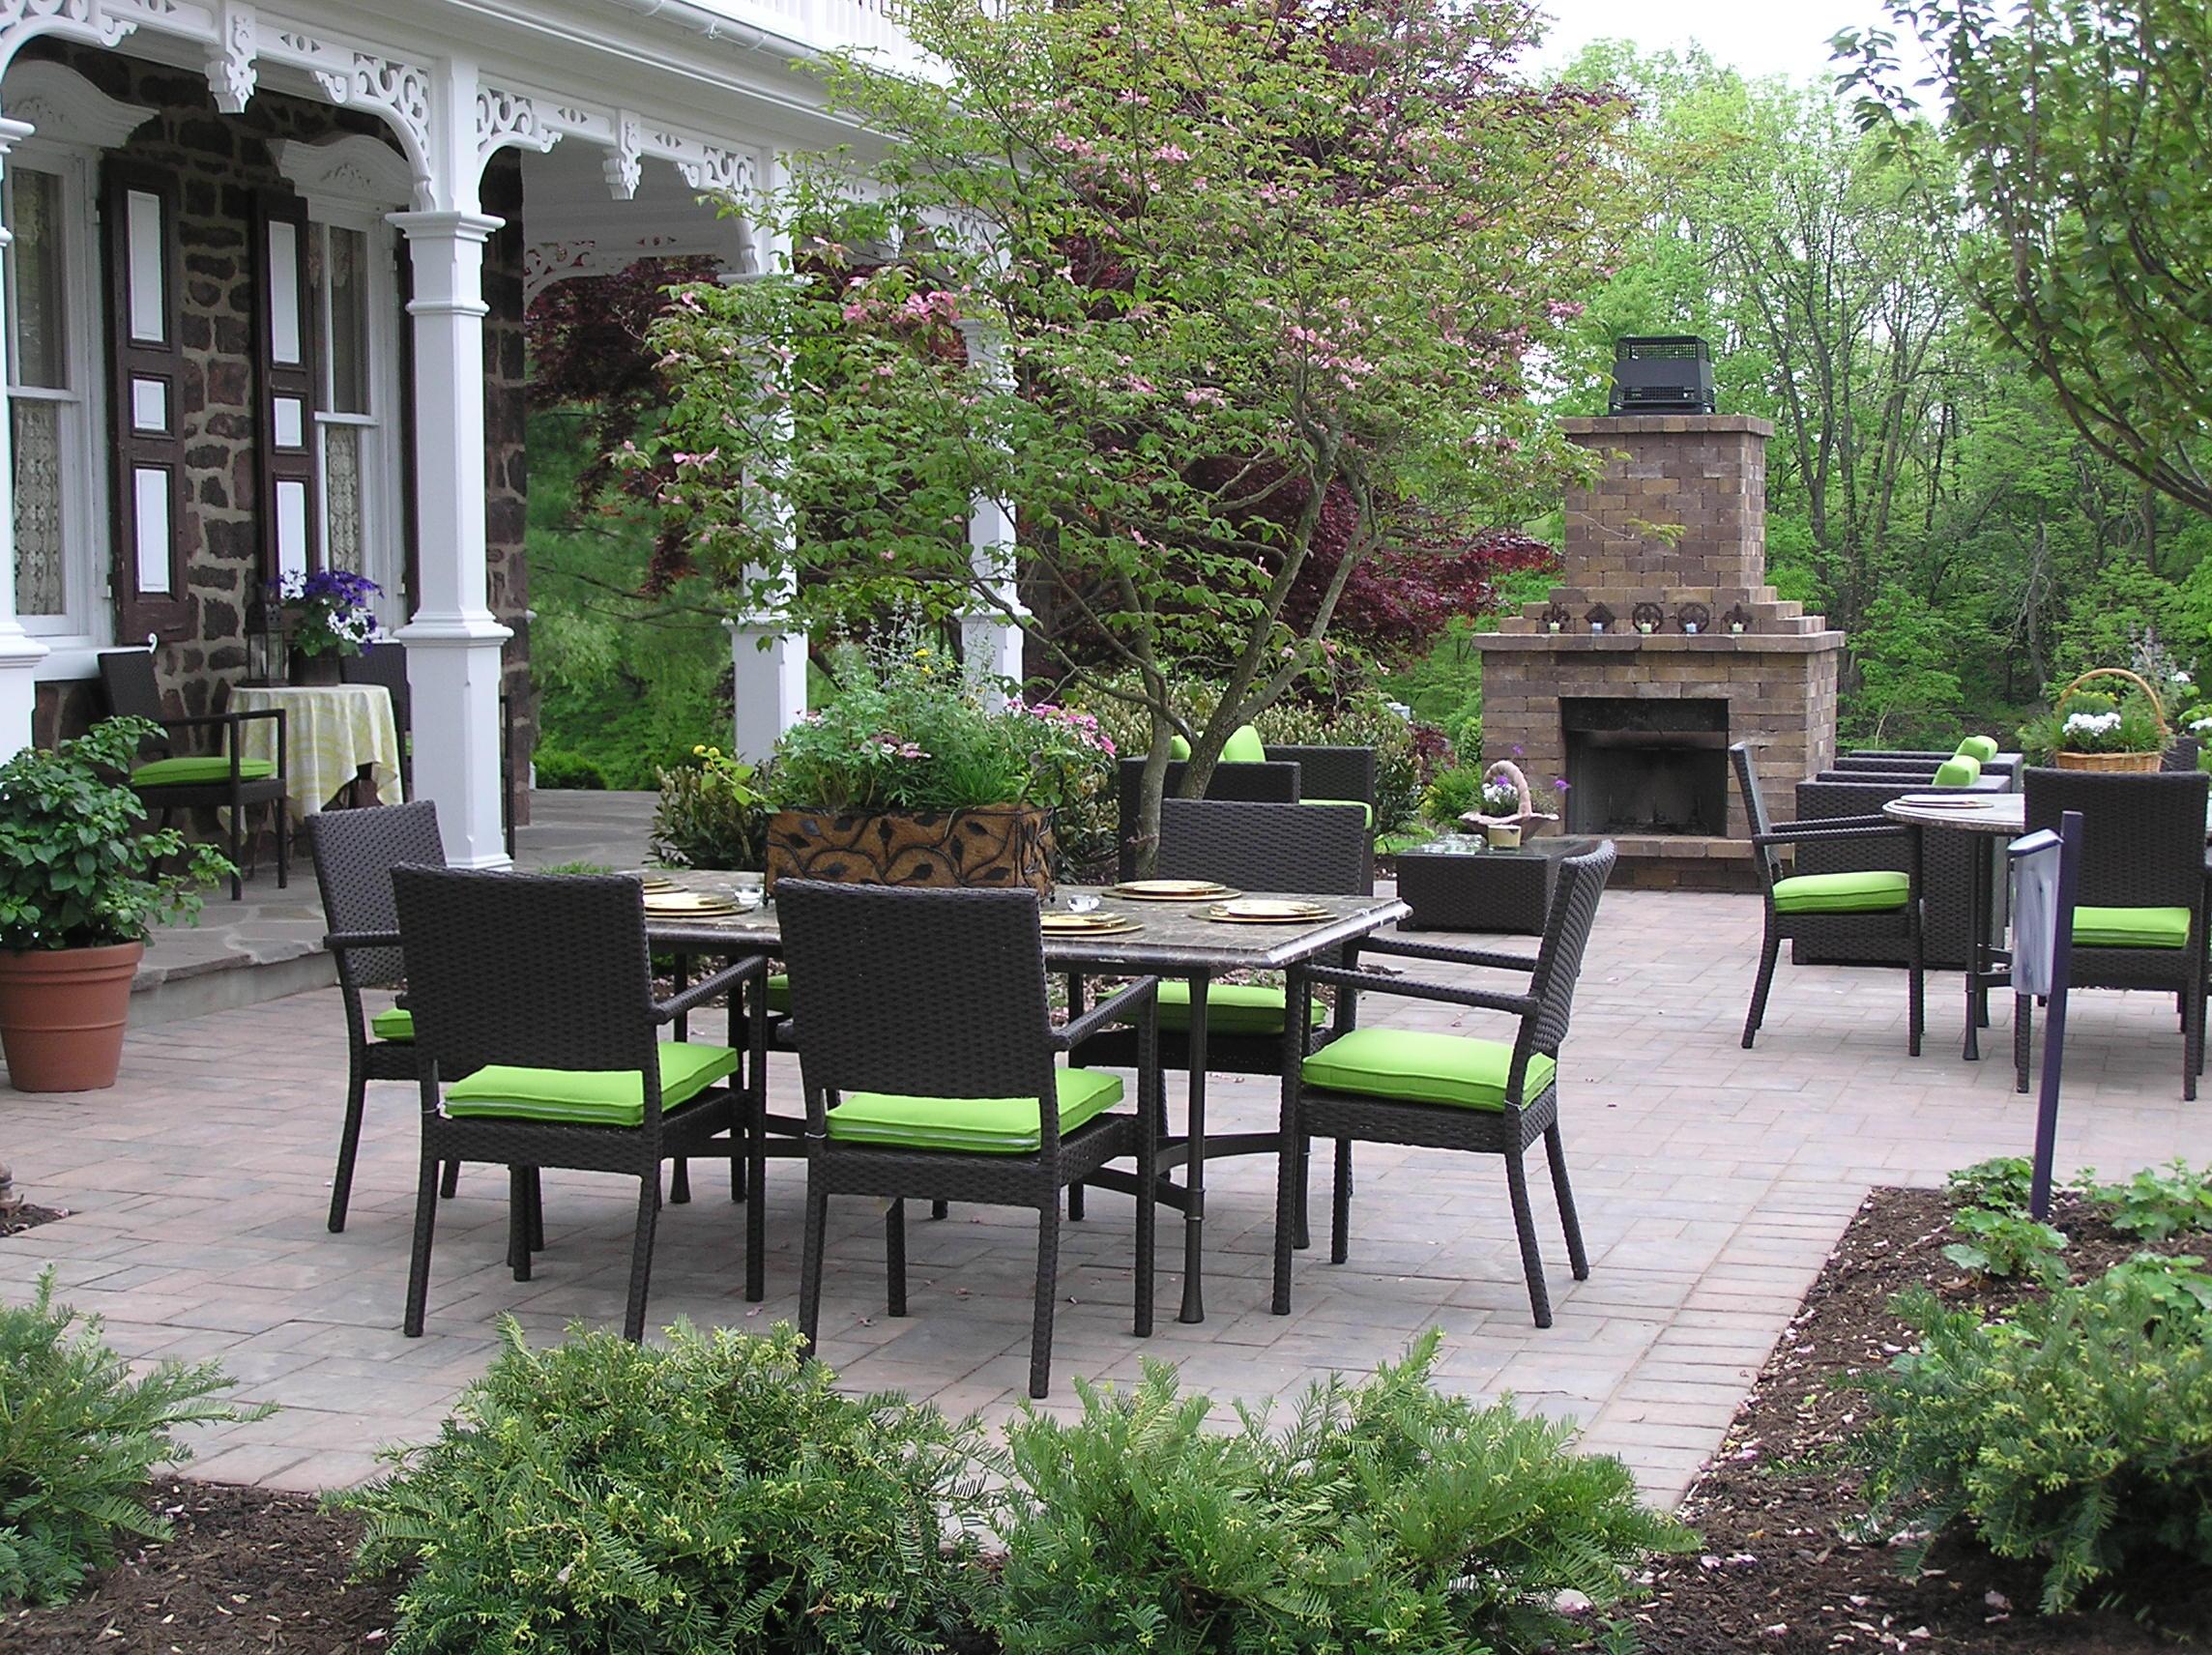 Lehigh Vally Pa Archives Garden Design Inc